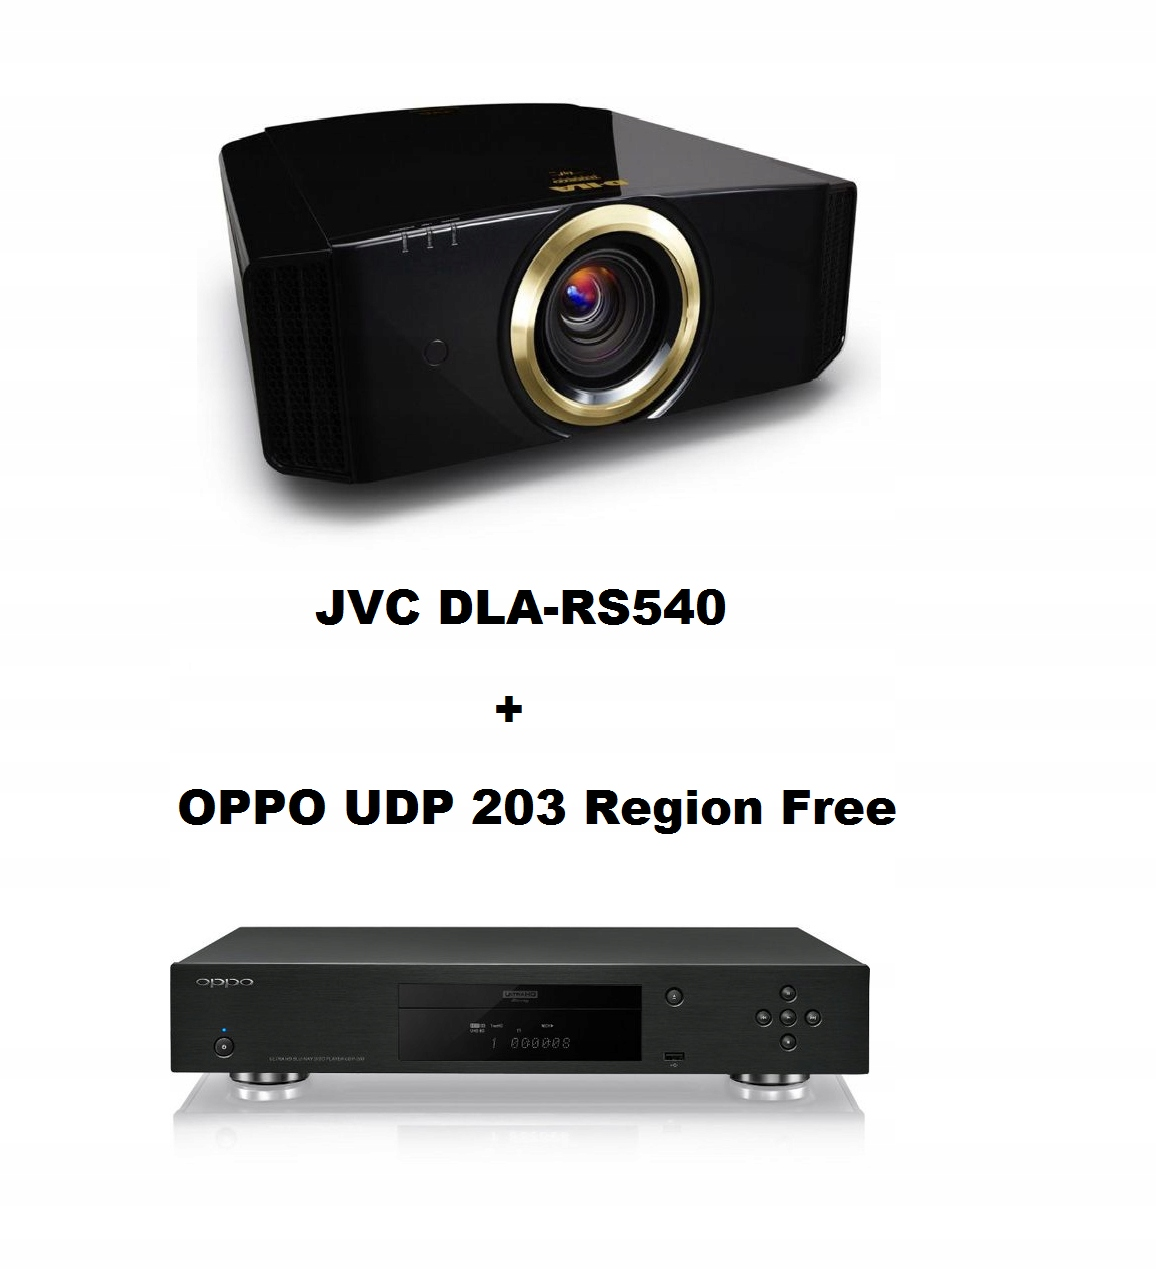 Projektor JVC DLA-RS540 i OPPO UDP 203 Region Free